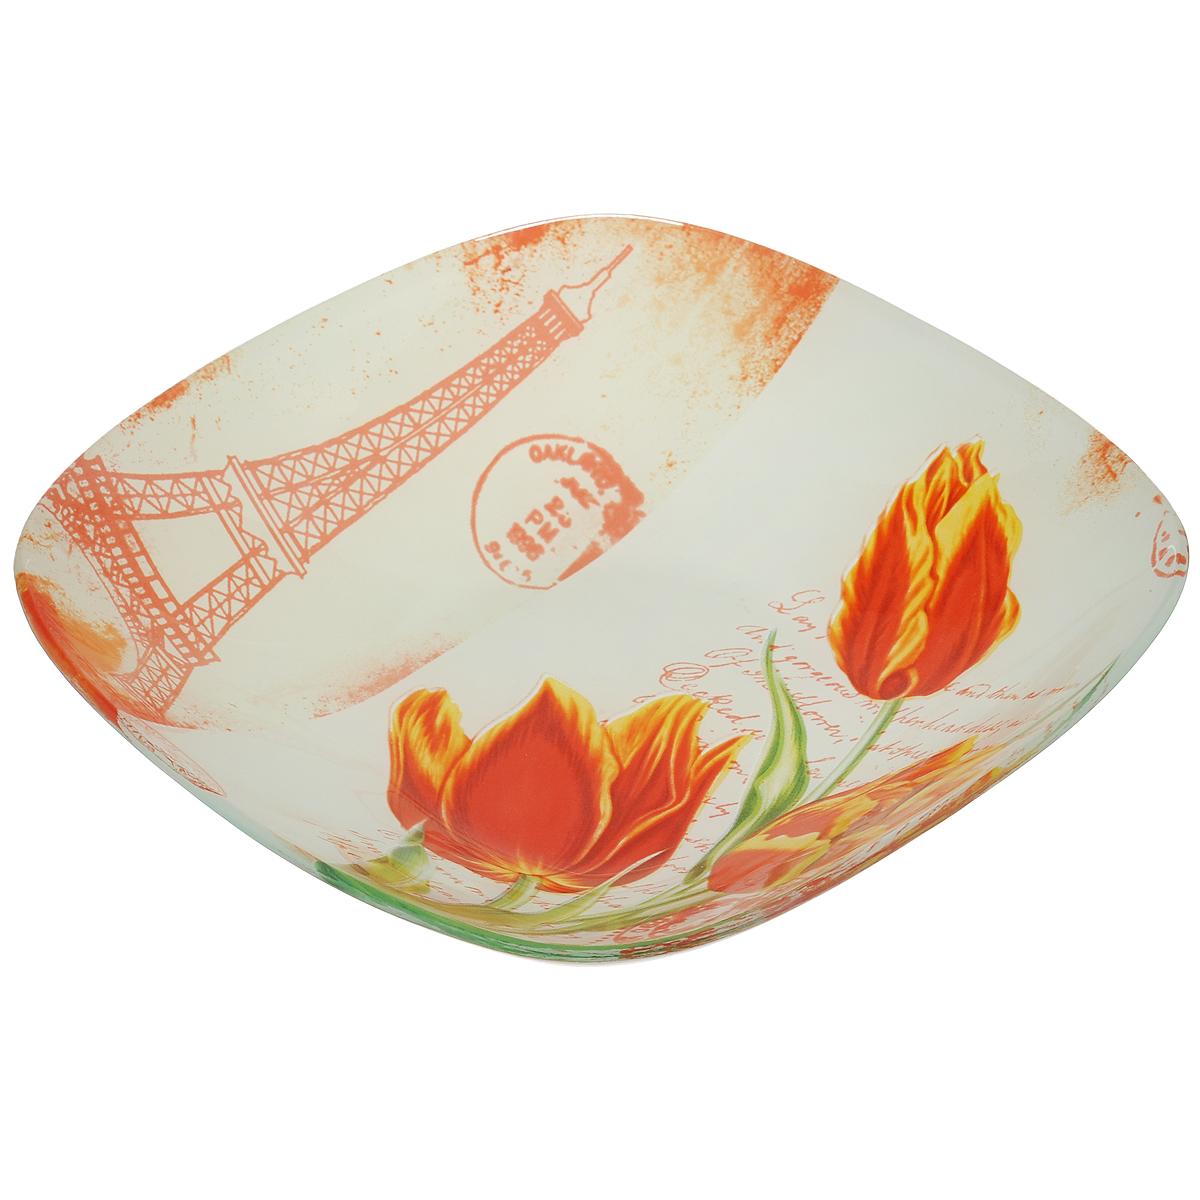 Тарелка суповая House & Holder Тюльпаны, 20 см х 20 см х 3,4 смS352008RF005Квадратная суповая тарелка House & Holder Тюльпаны, изготовленная из стекла, декорирована ярким изображением. Такая тарелка украсит сервировку вашего стола и подчеркнет прекрасный вкус хозяина, а также станет отличным подарком. Размер: 20 см х 20 см. Высота: 3,4 см.